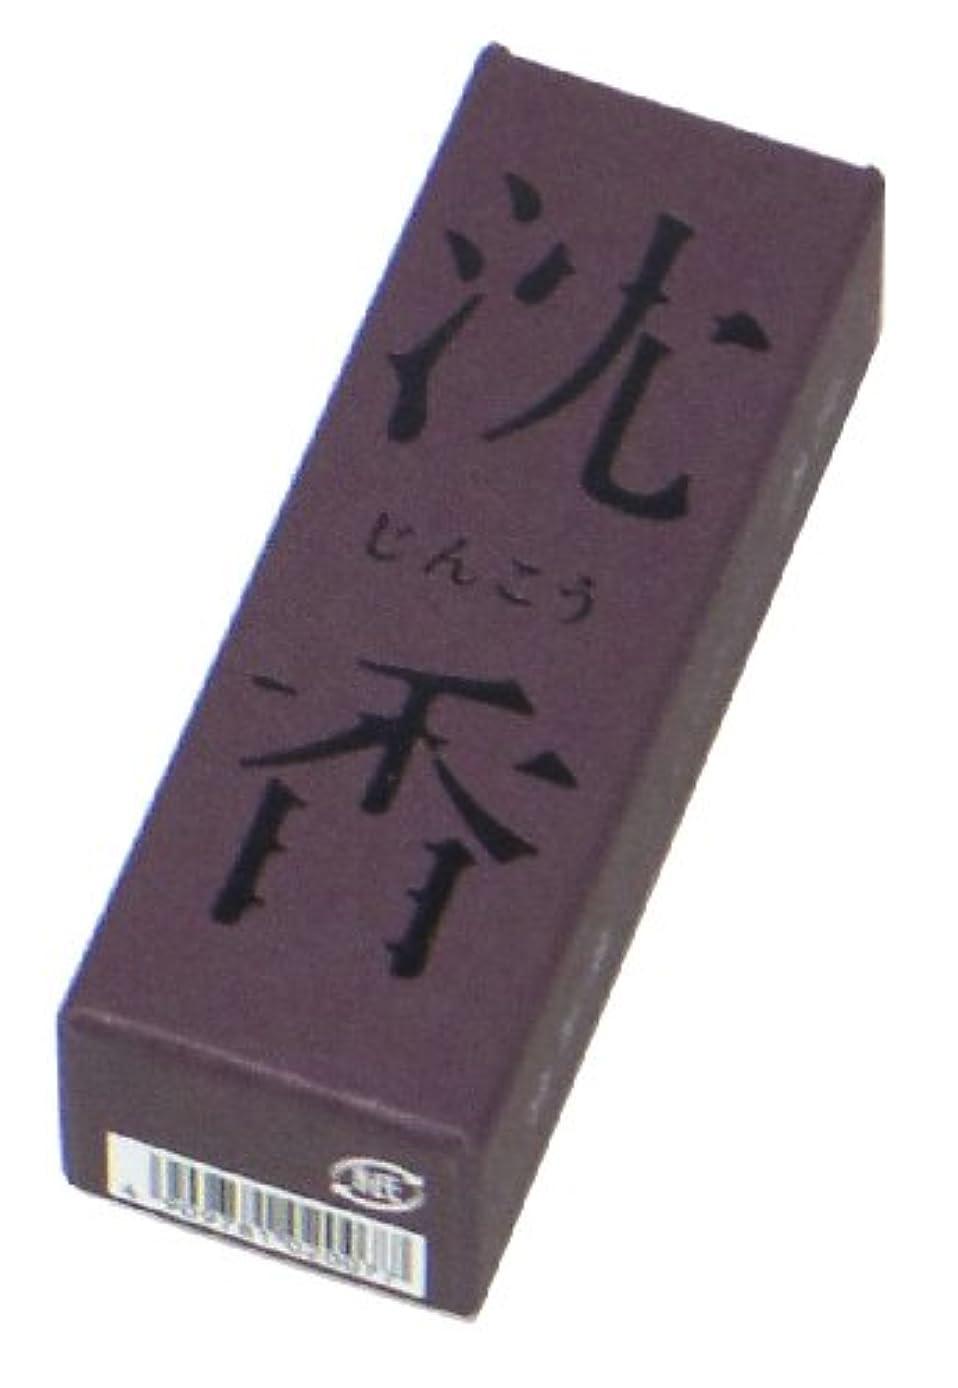 ヒューズ分類する北米鳩居堂のお香 香木の香り 沈香 20本入 6cm